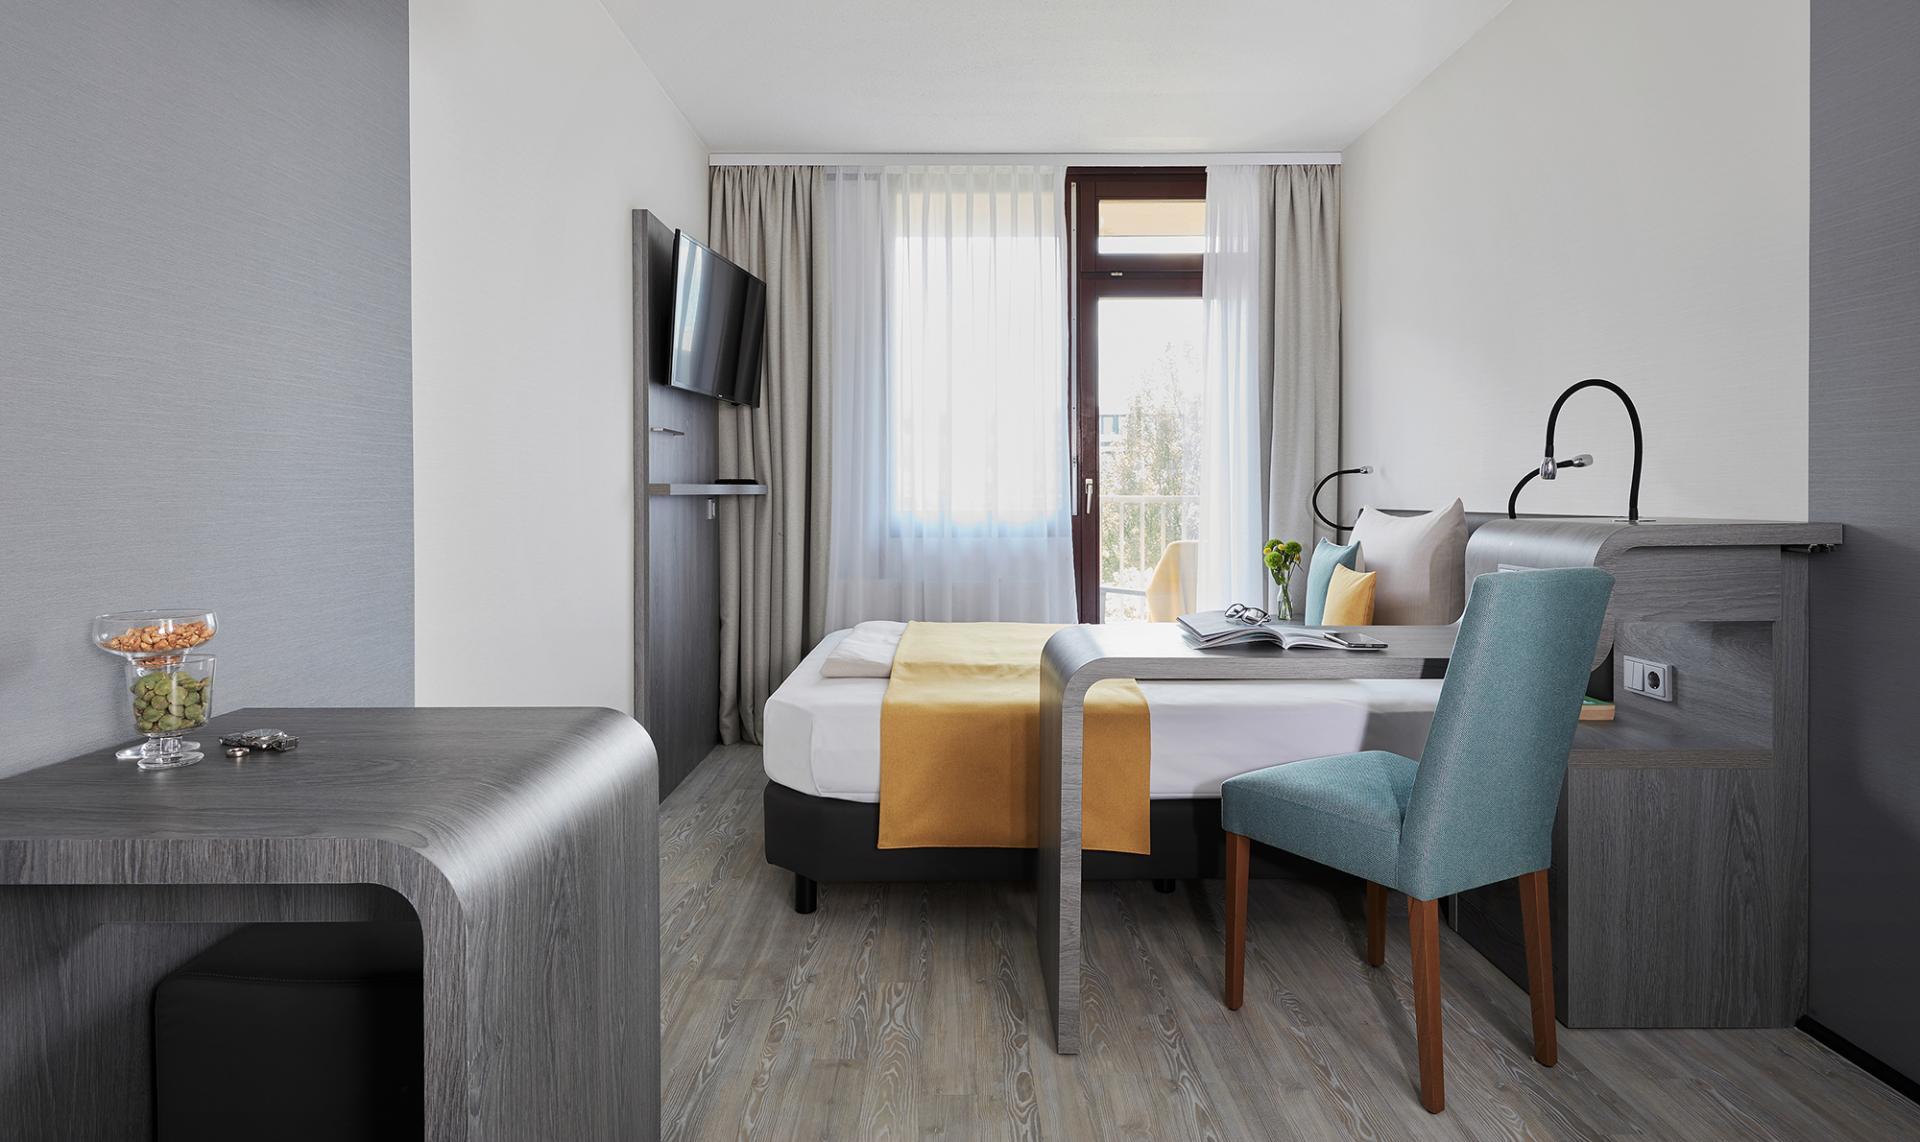 Bed at Living Hotel Deutschen Museum Apartments, Haidhausen, Munich